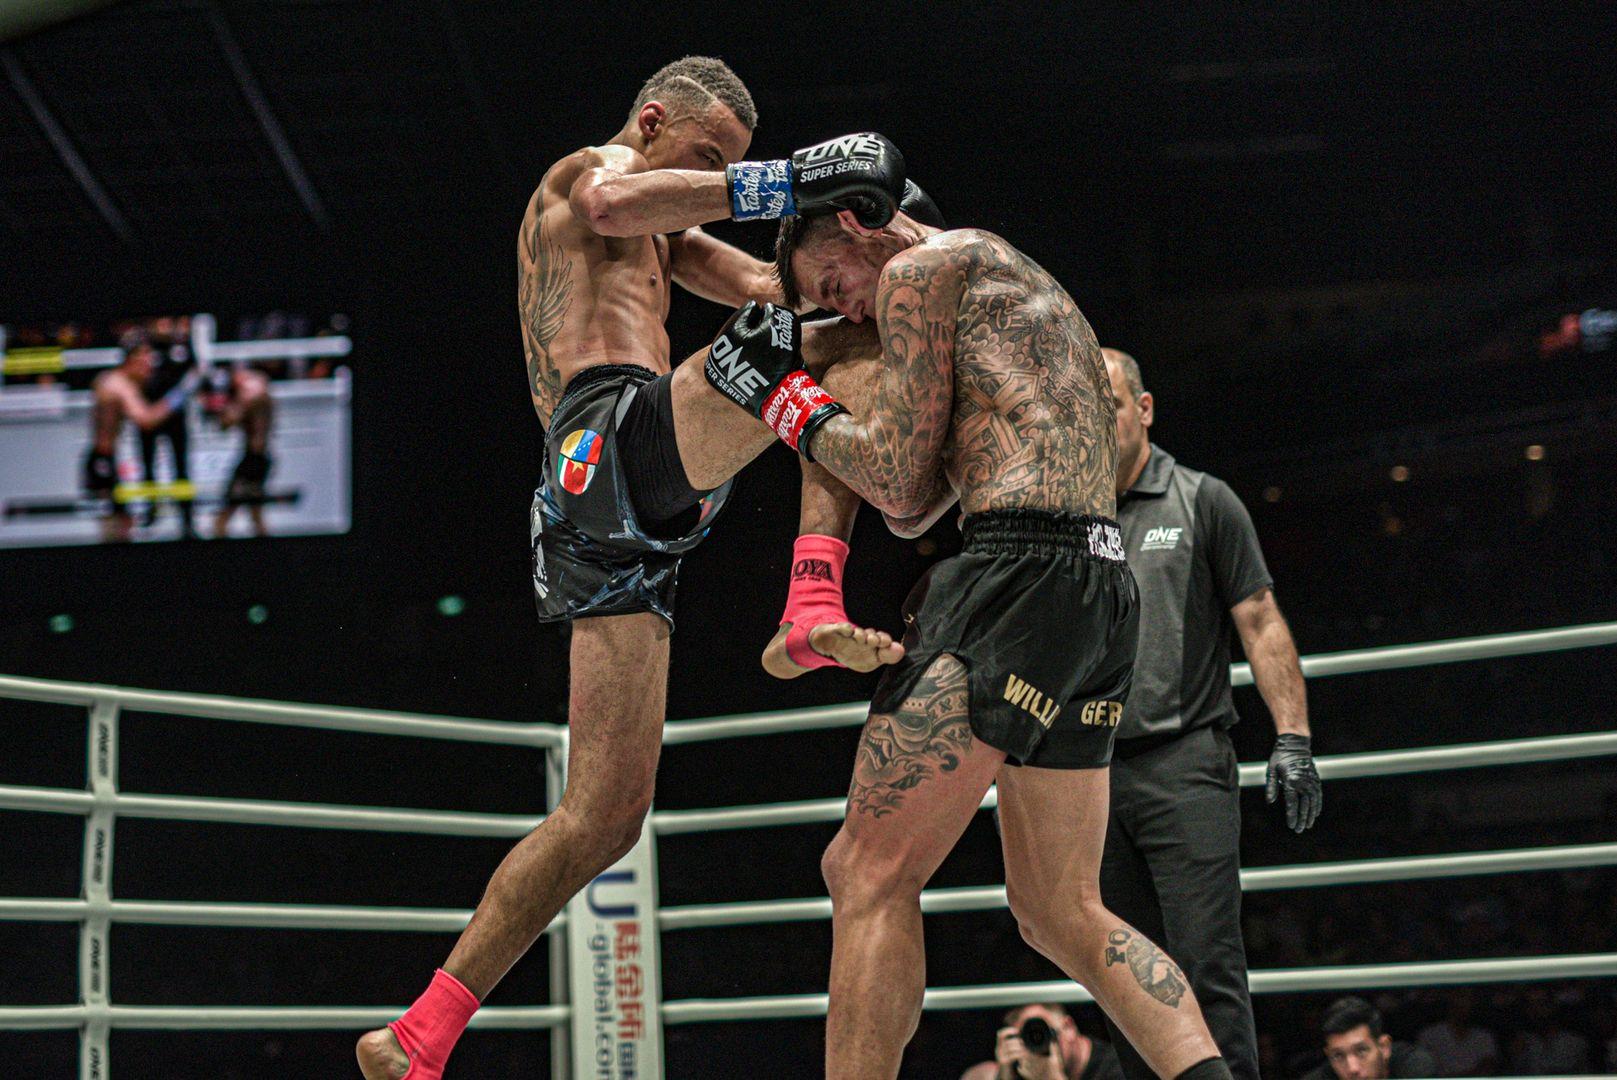 Τεχνικές Kick Boxing